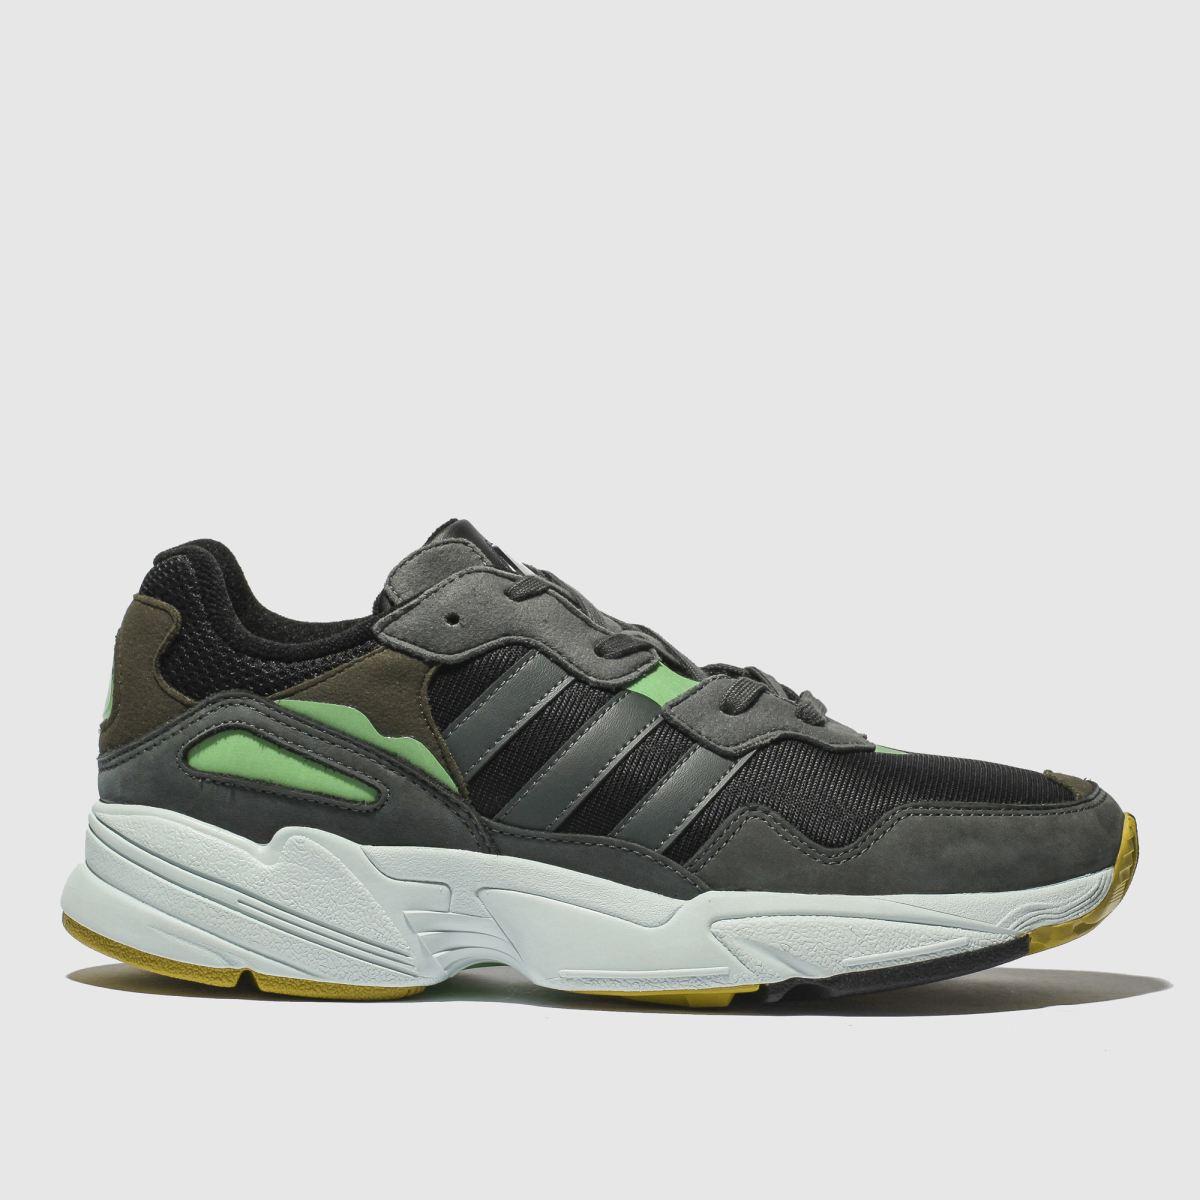 Adidas Black & Grey Yung 96 Trainers